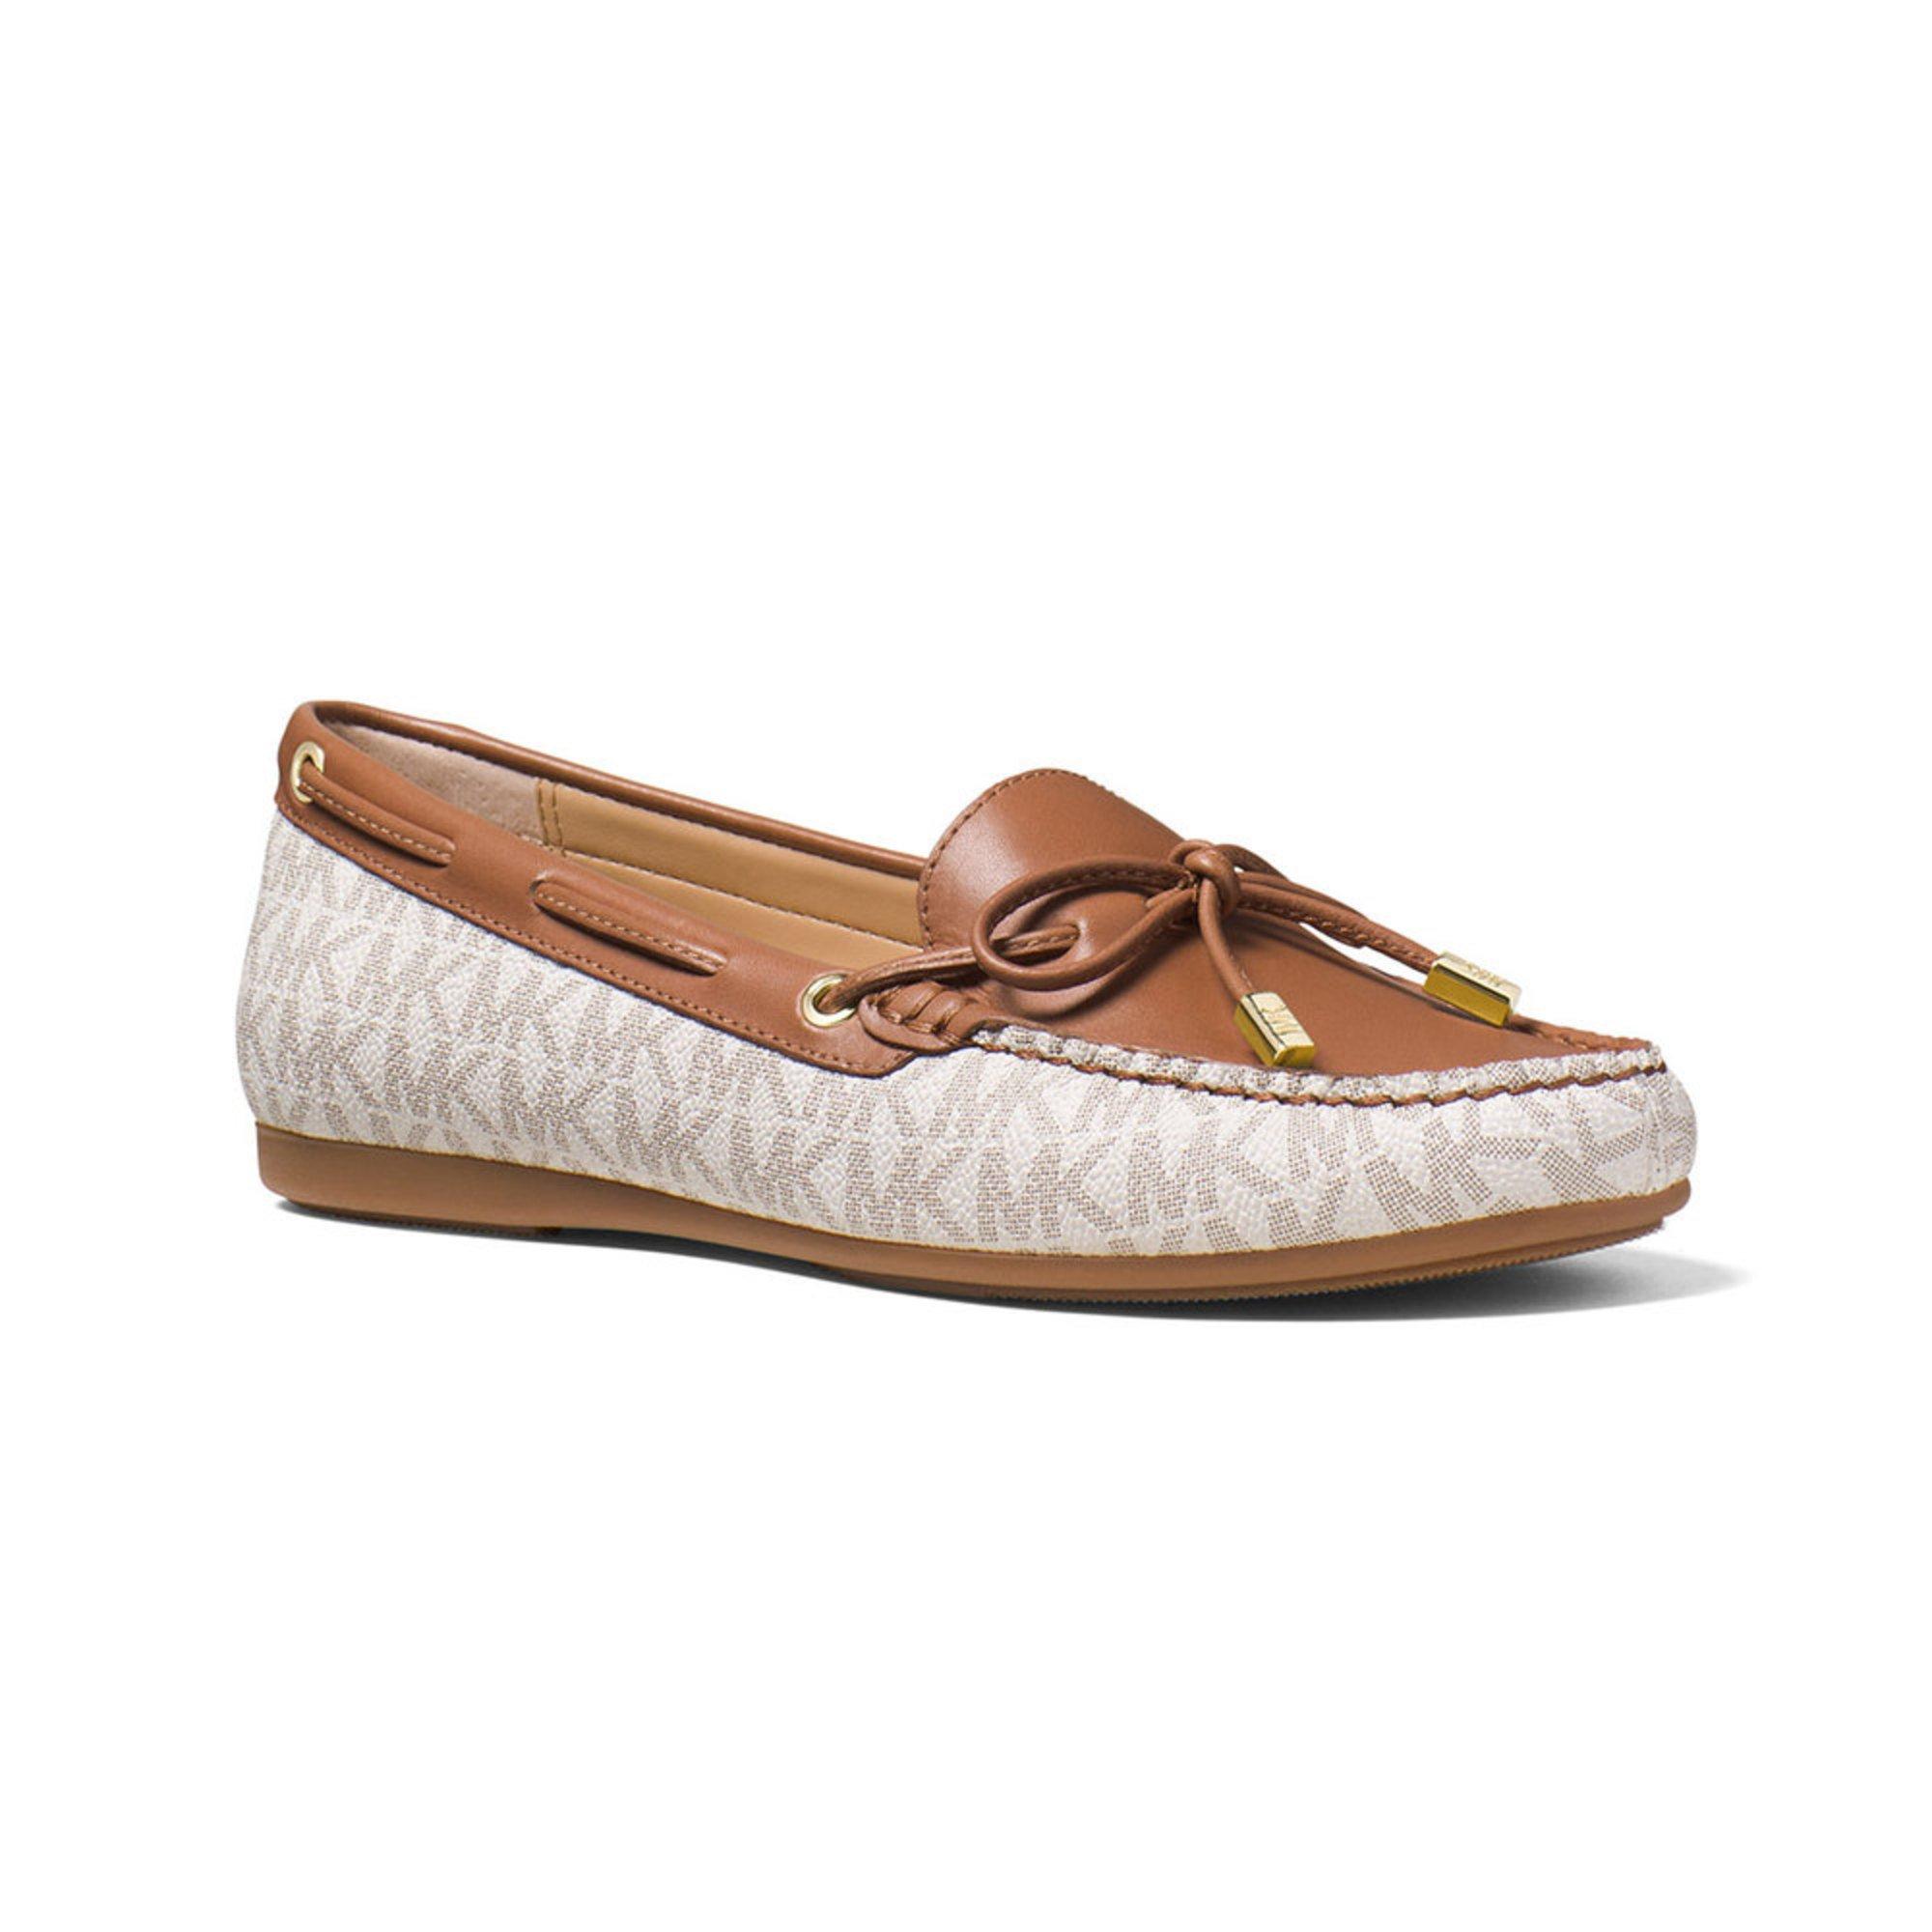 michael kors sutton moc s slip on shoe vanilla